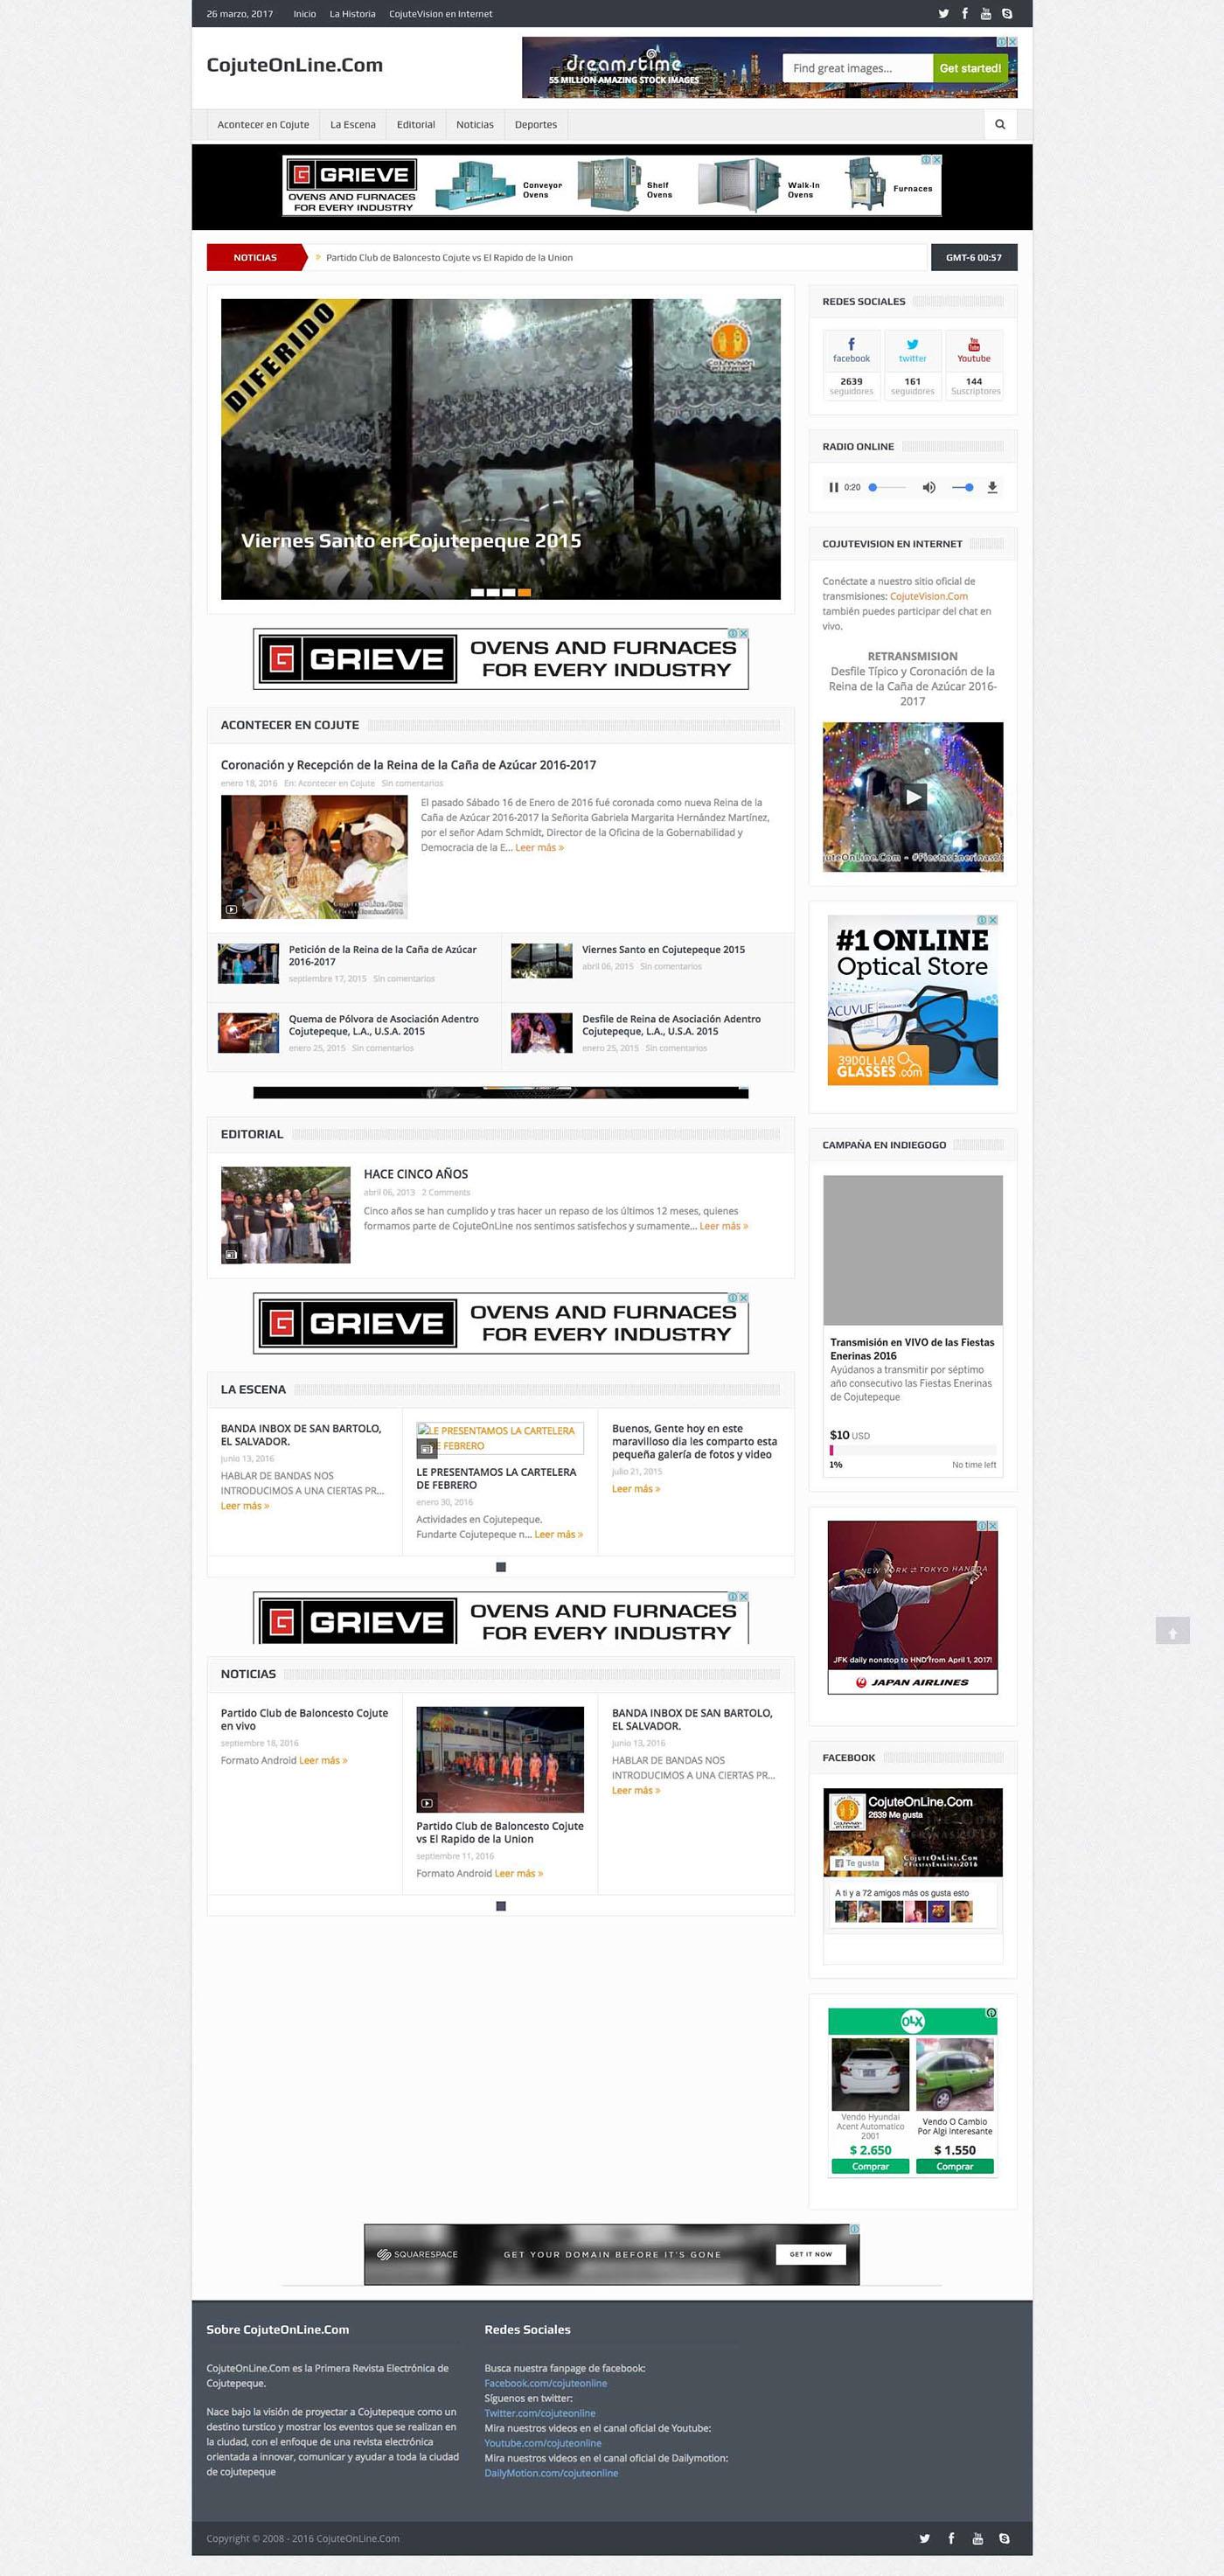 cojute online Web Design  wordpress cyg computadoras Cerritos